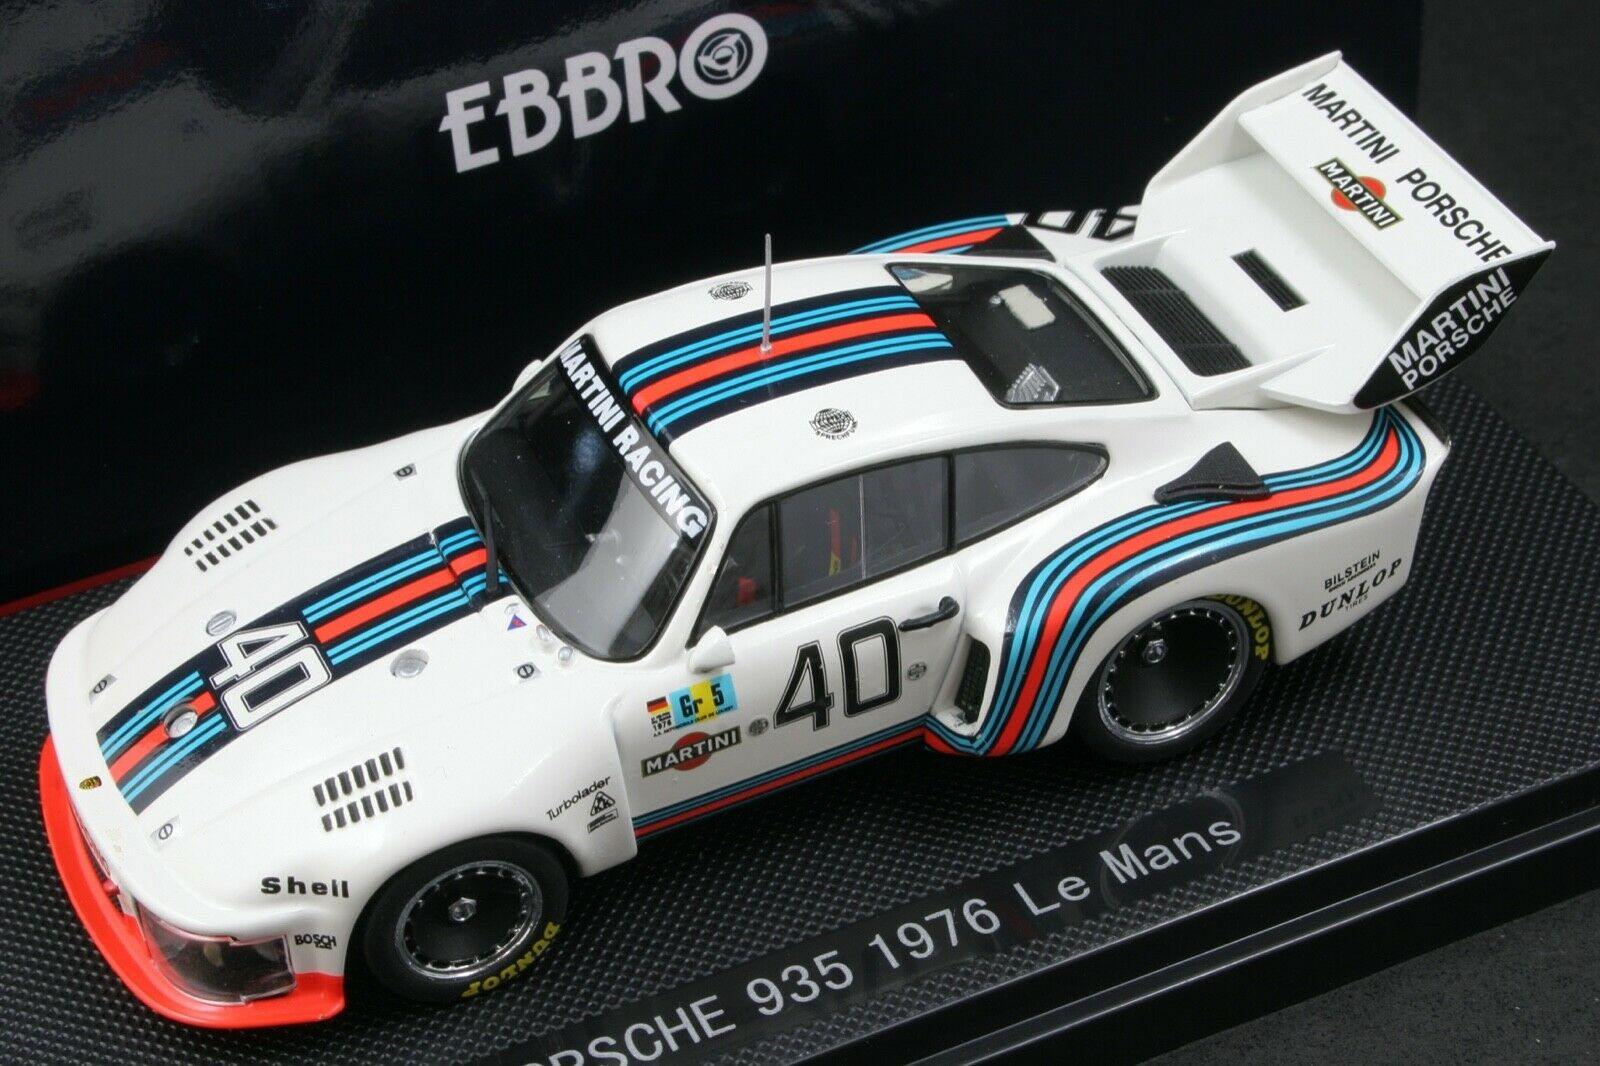 Ebbro 43768 1 43 Martini Porsche 935 Group 5 Le Mans 1976 Die Cast No Minichamps For Sale Online